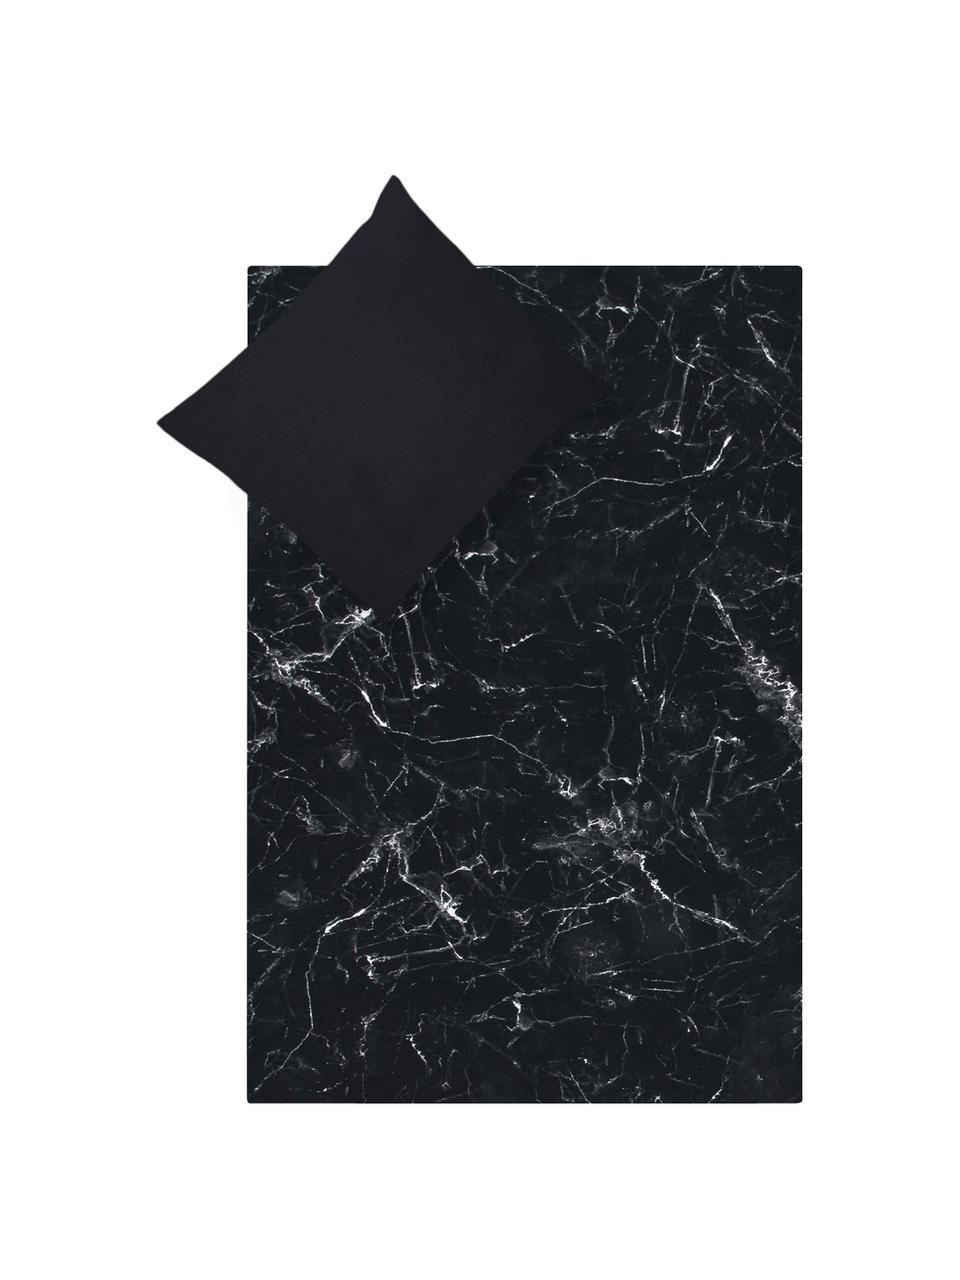 Dubbelzijdig dekbedovertrek Malin, Weeftechniek: perkal Draaddichtheid 200, Zwart, wit, 140 x 200 cm